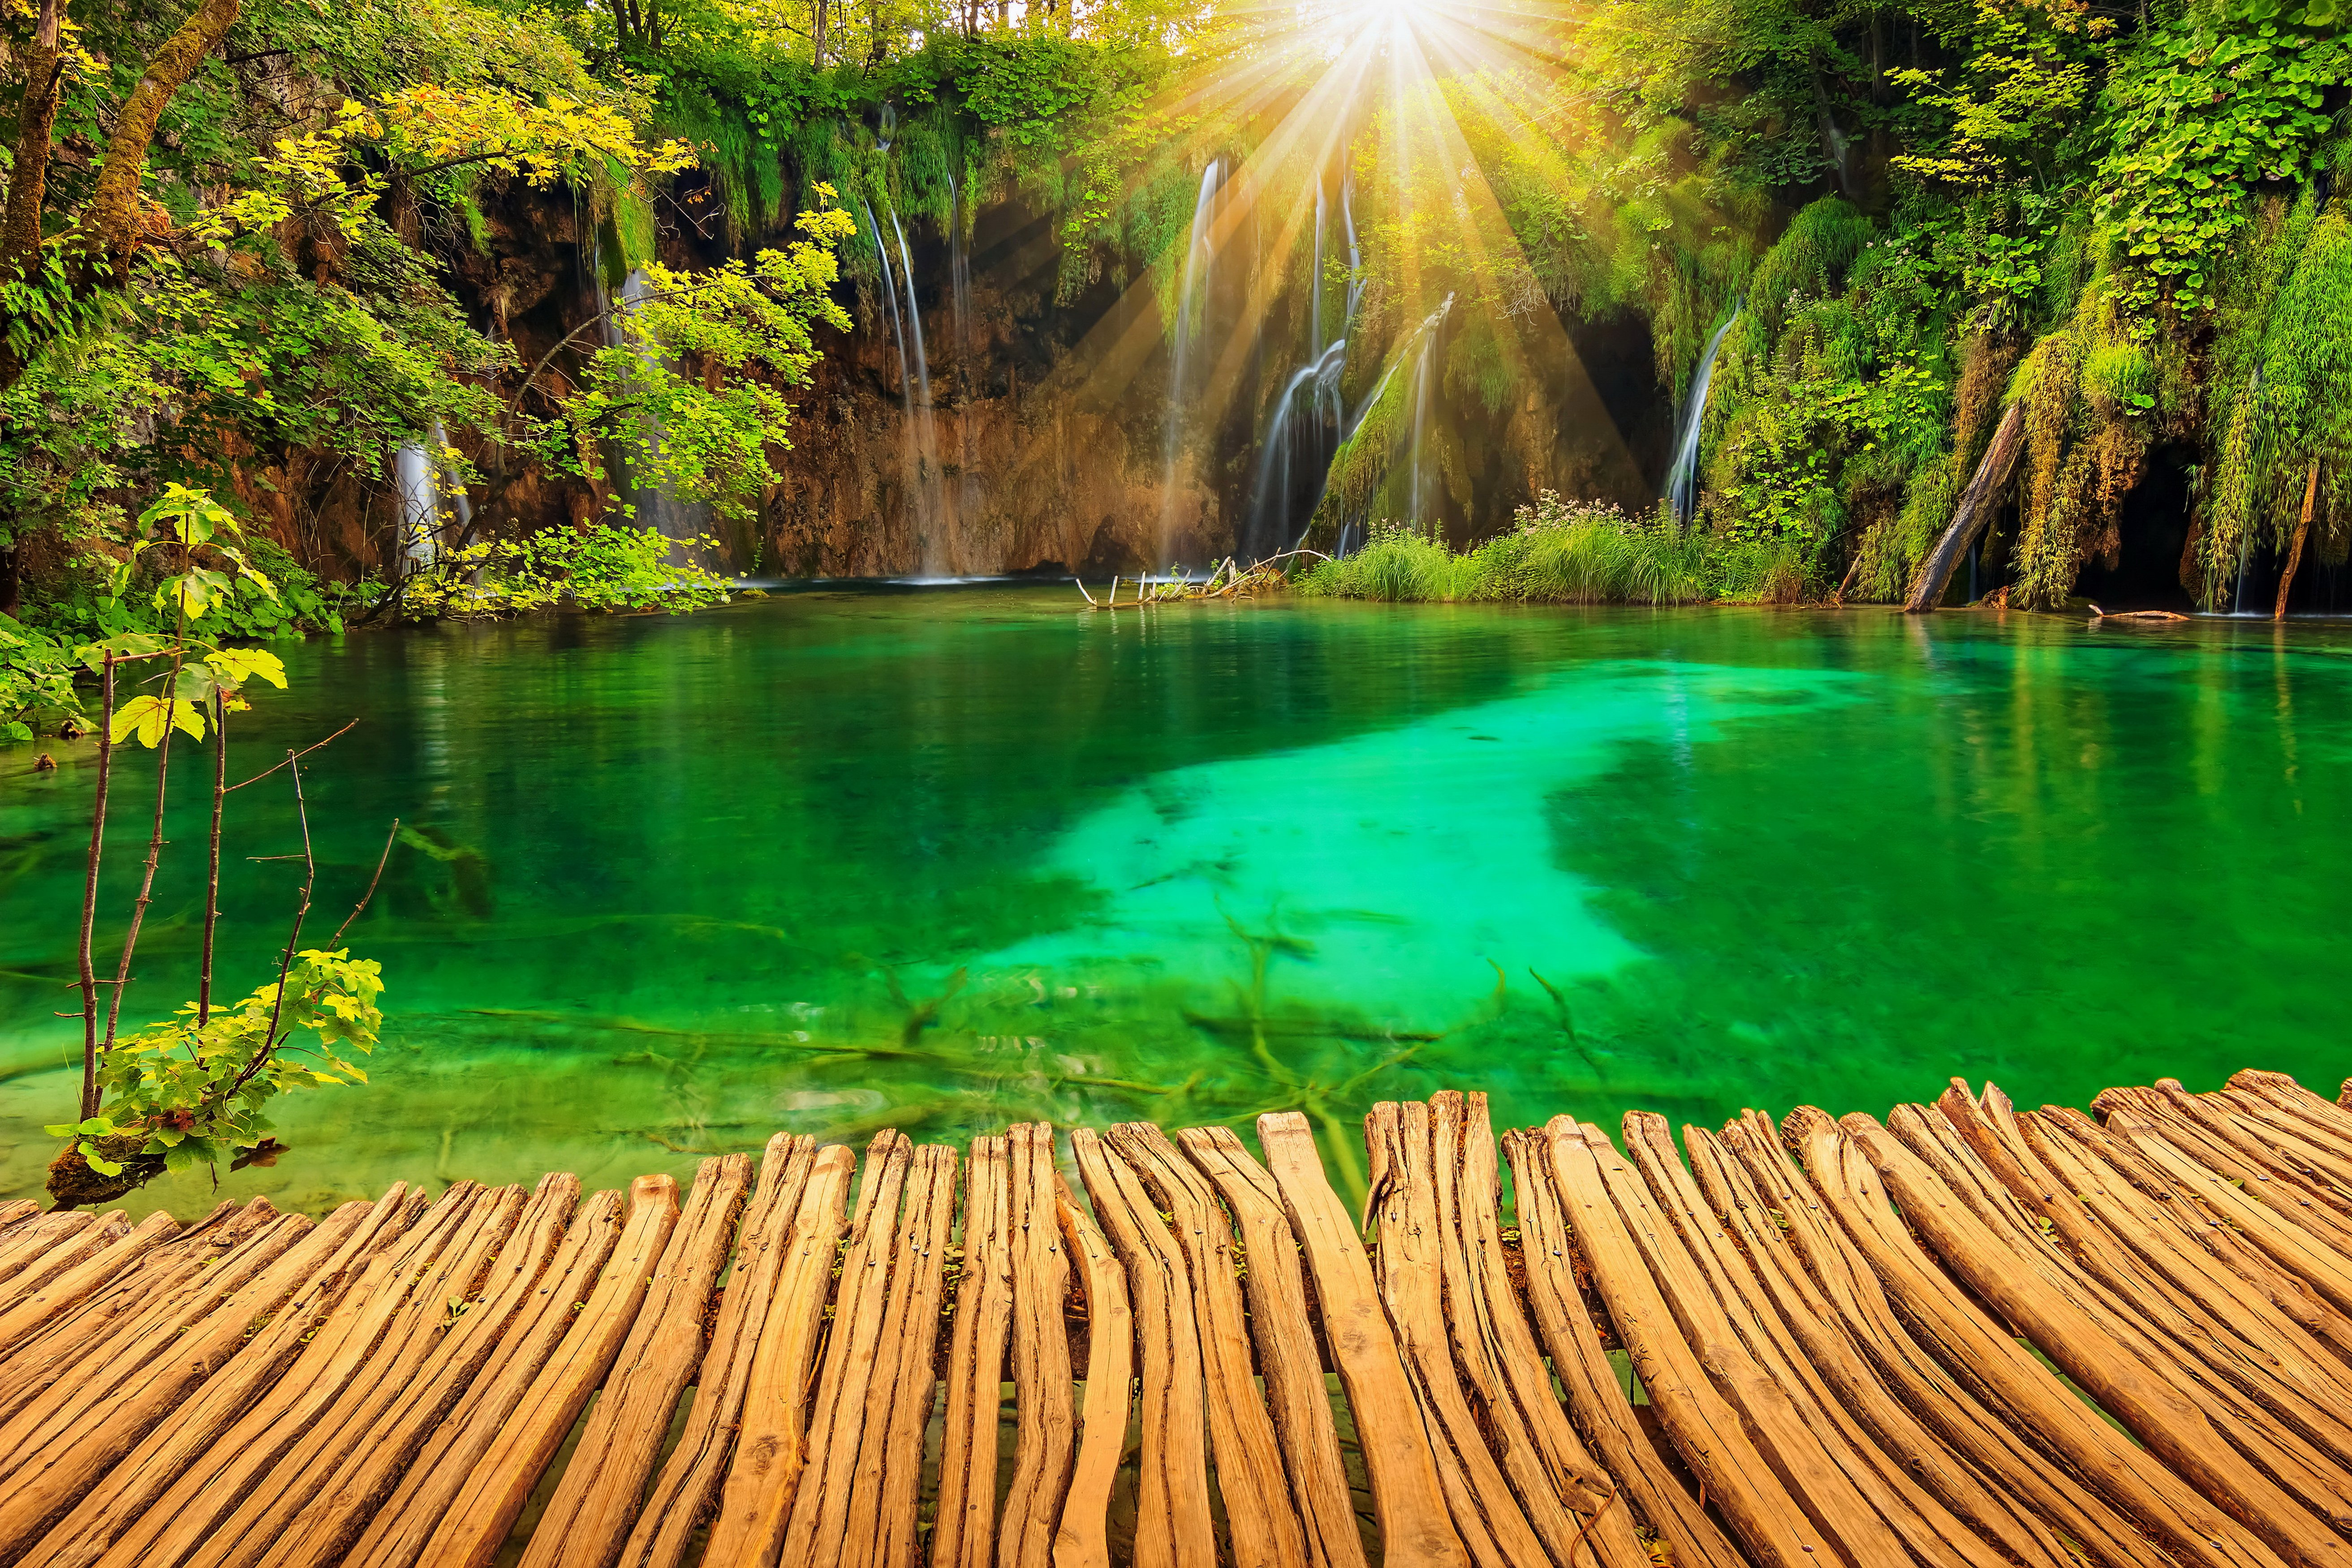 природа озеро водопад  № 768699 загрузить